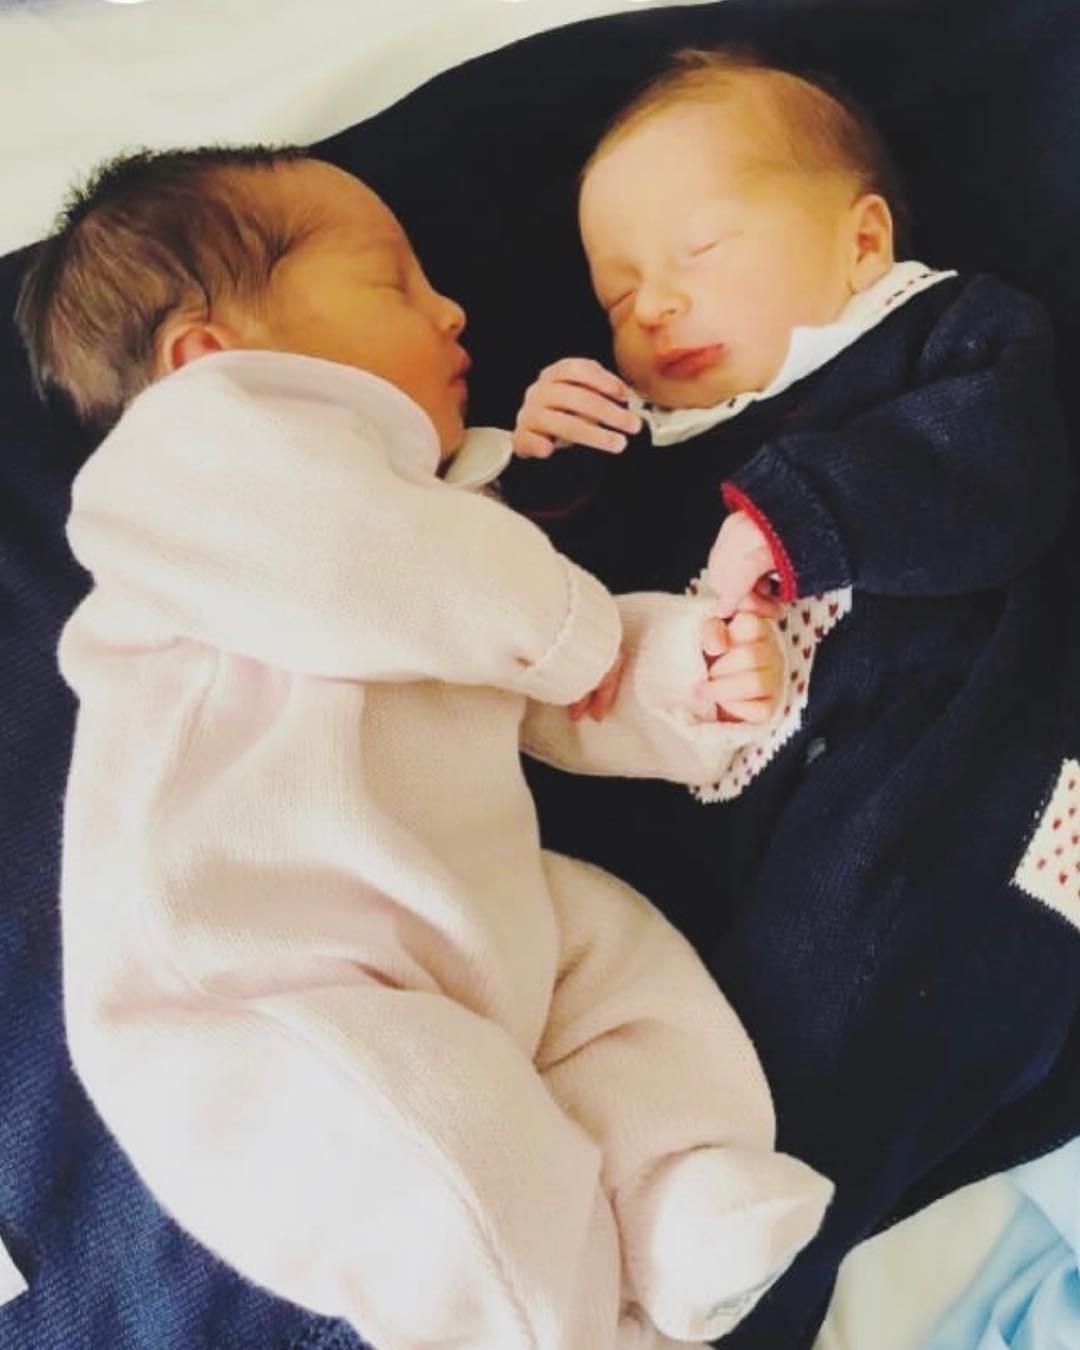 Elise e Antoine, filhos de Erick e Rosângela Jacquin, em foto de Edouard Jacquin (Foto: Reprodução / Instagram)